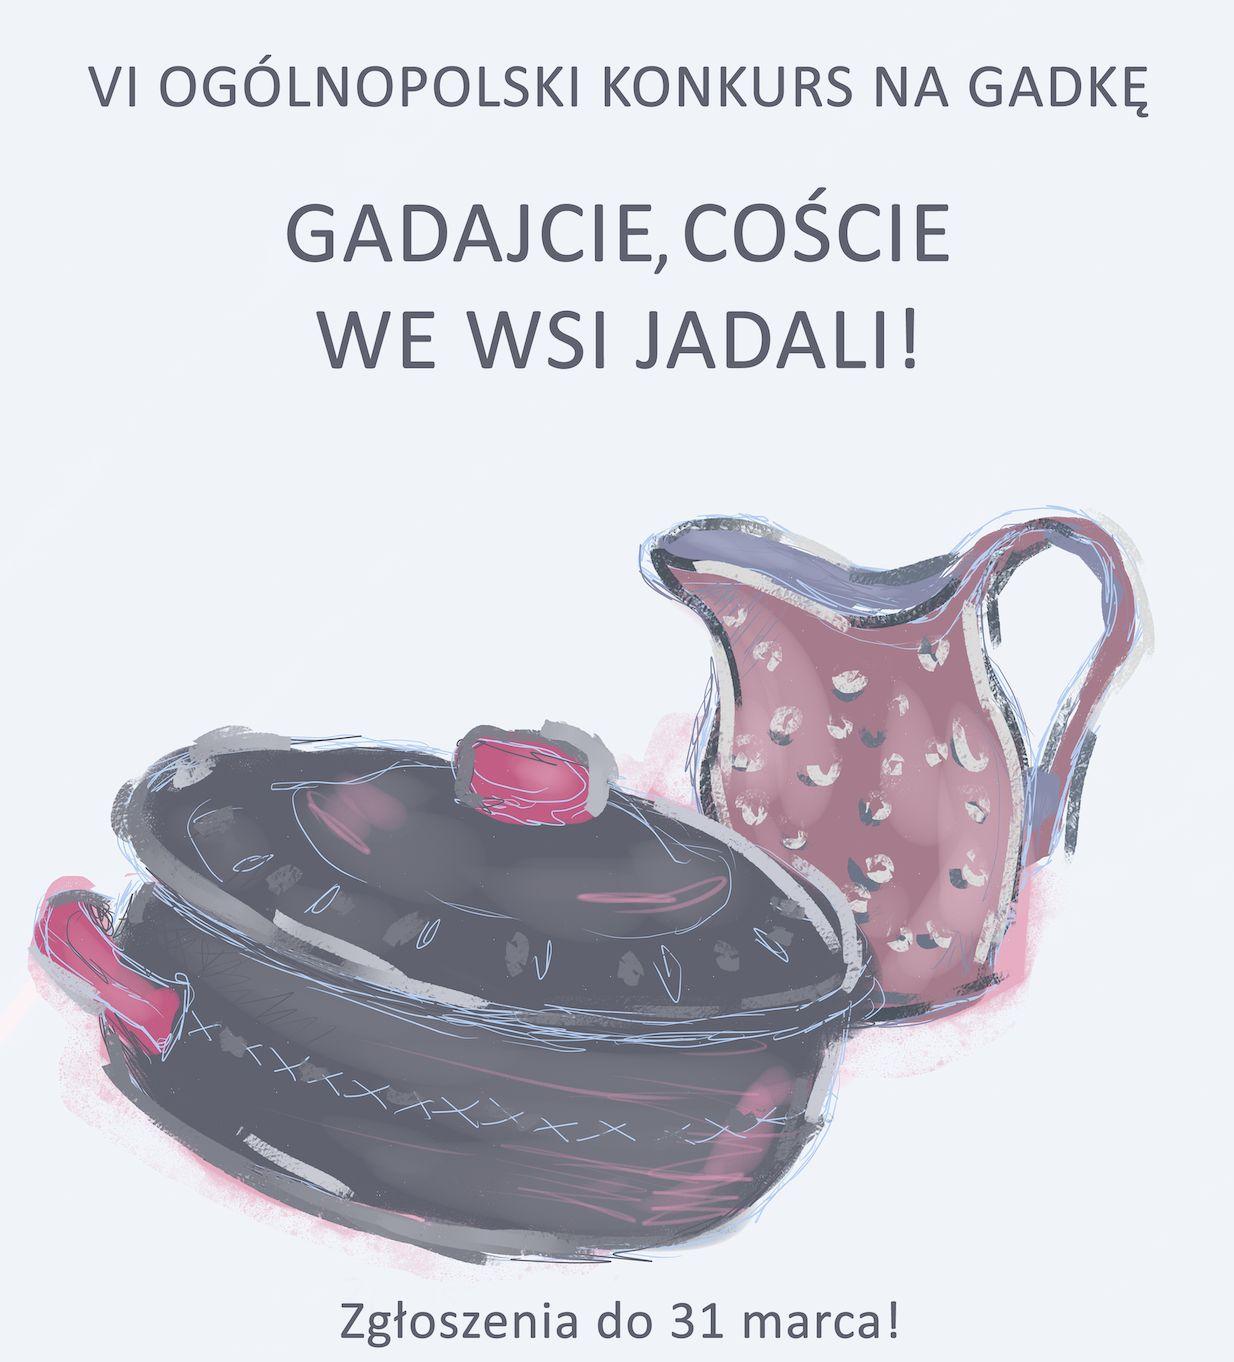 VI Ogólnopolski Konkurs na Gadkę - zdjęcie główne